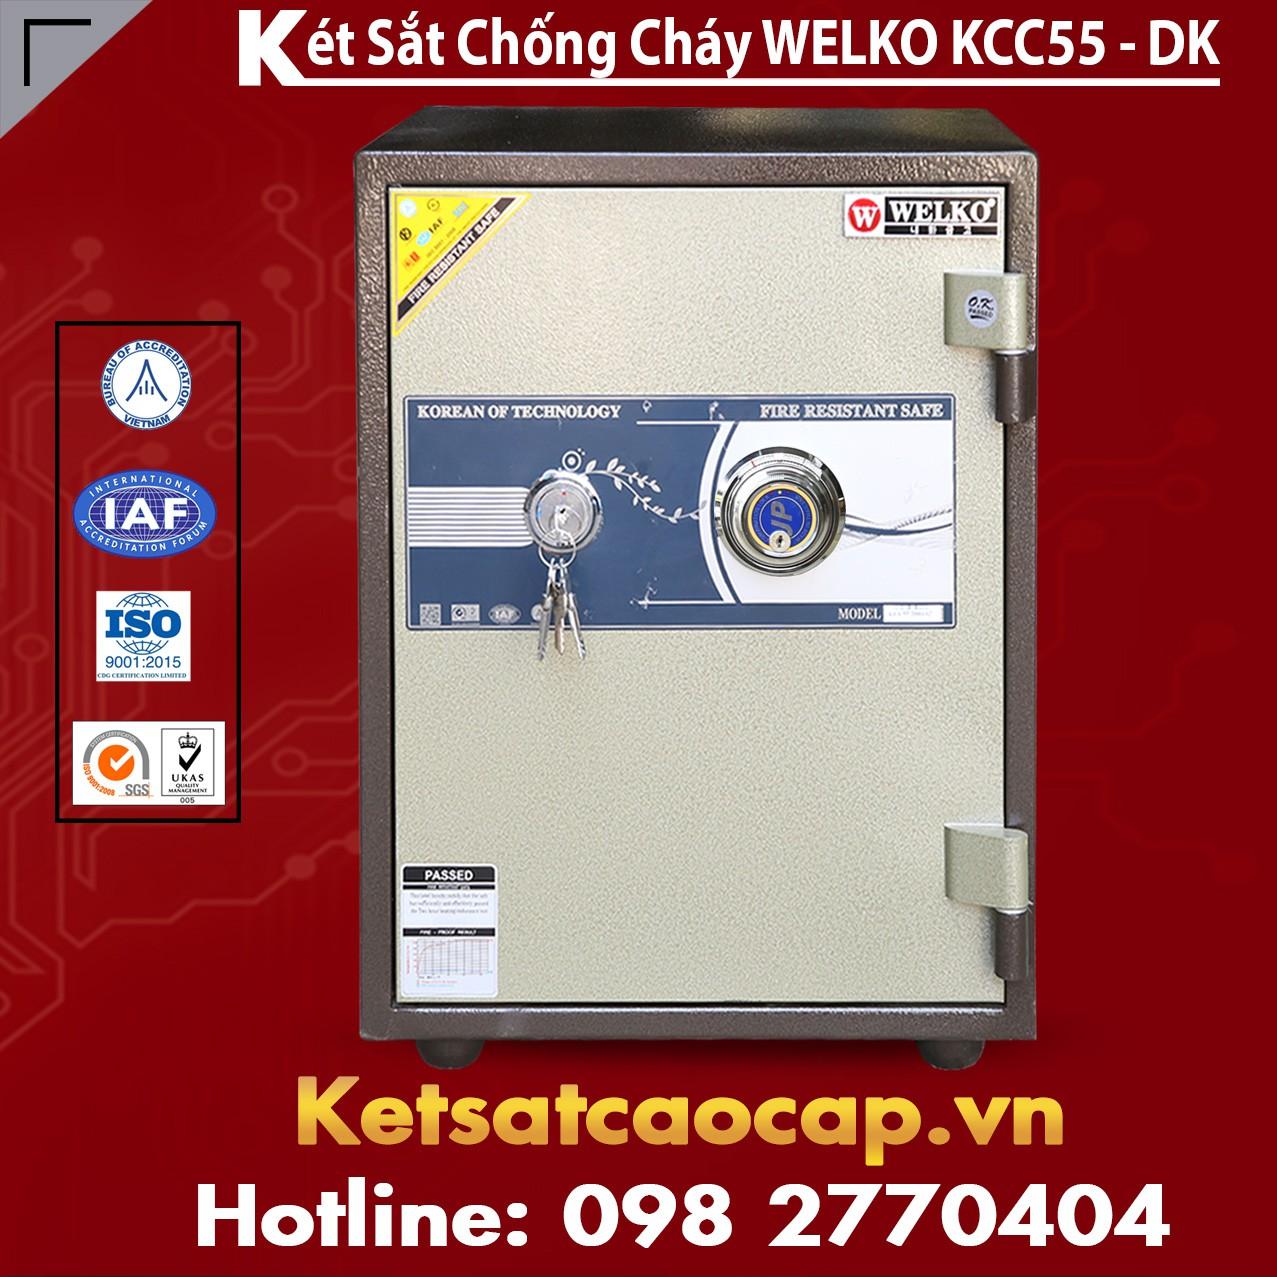 Két Sắt Nhập Khẩu KCC55 DK - Brown